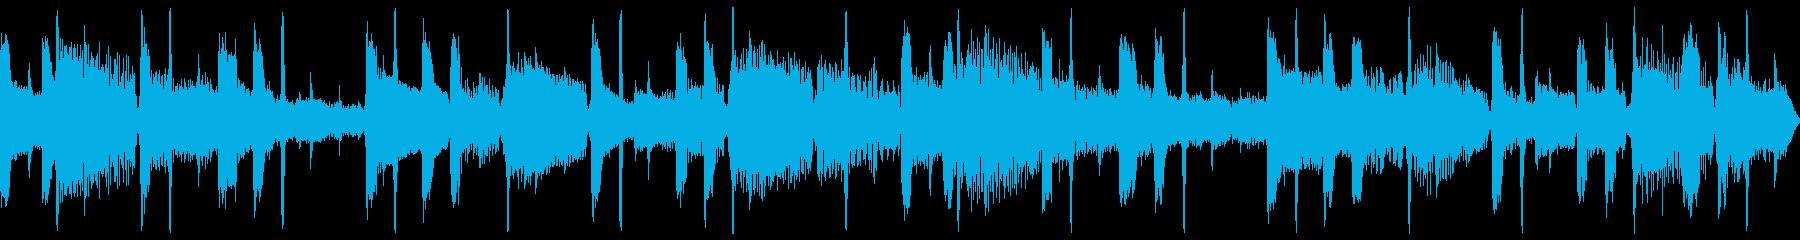 サイバーテクノロジーを意識したループ仕様の再生済みの波形